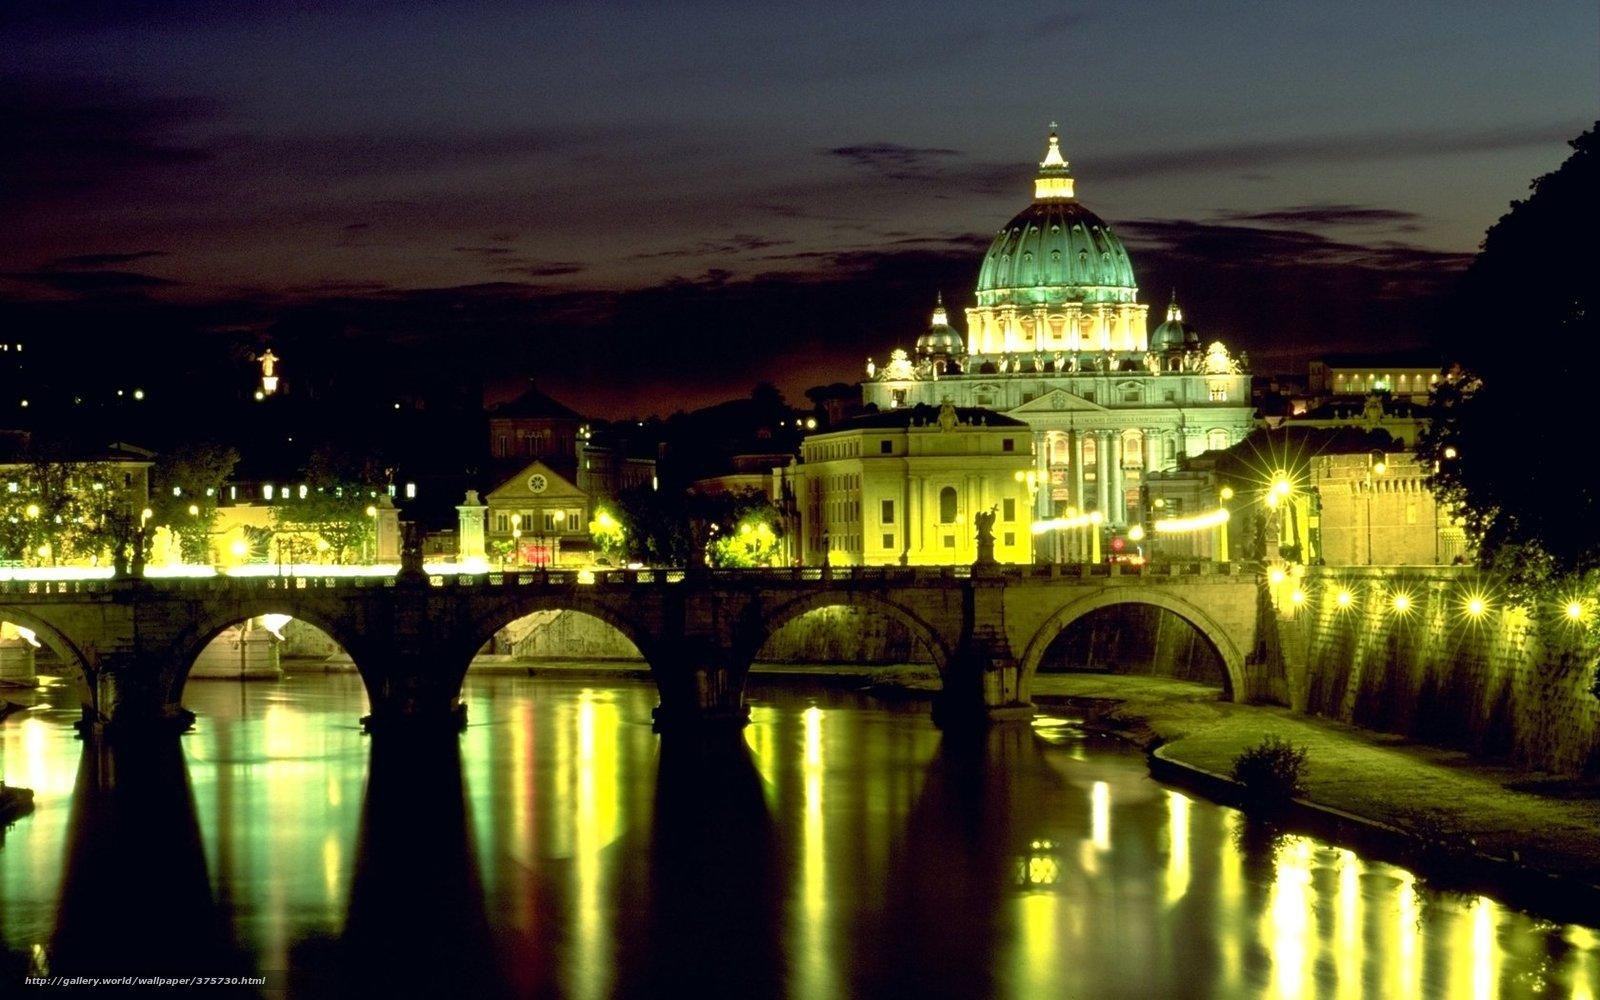 tlcharger fond decran rome - photo #29